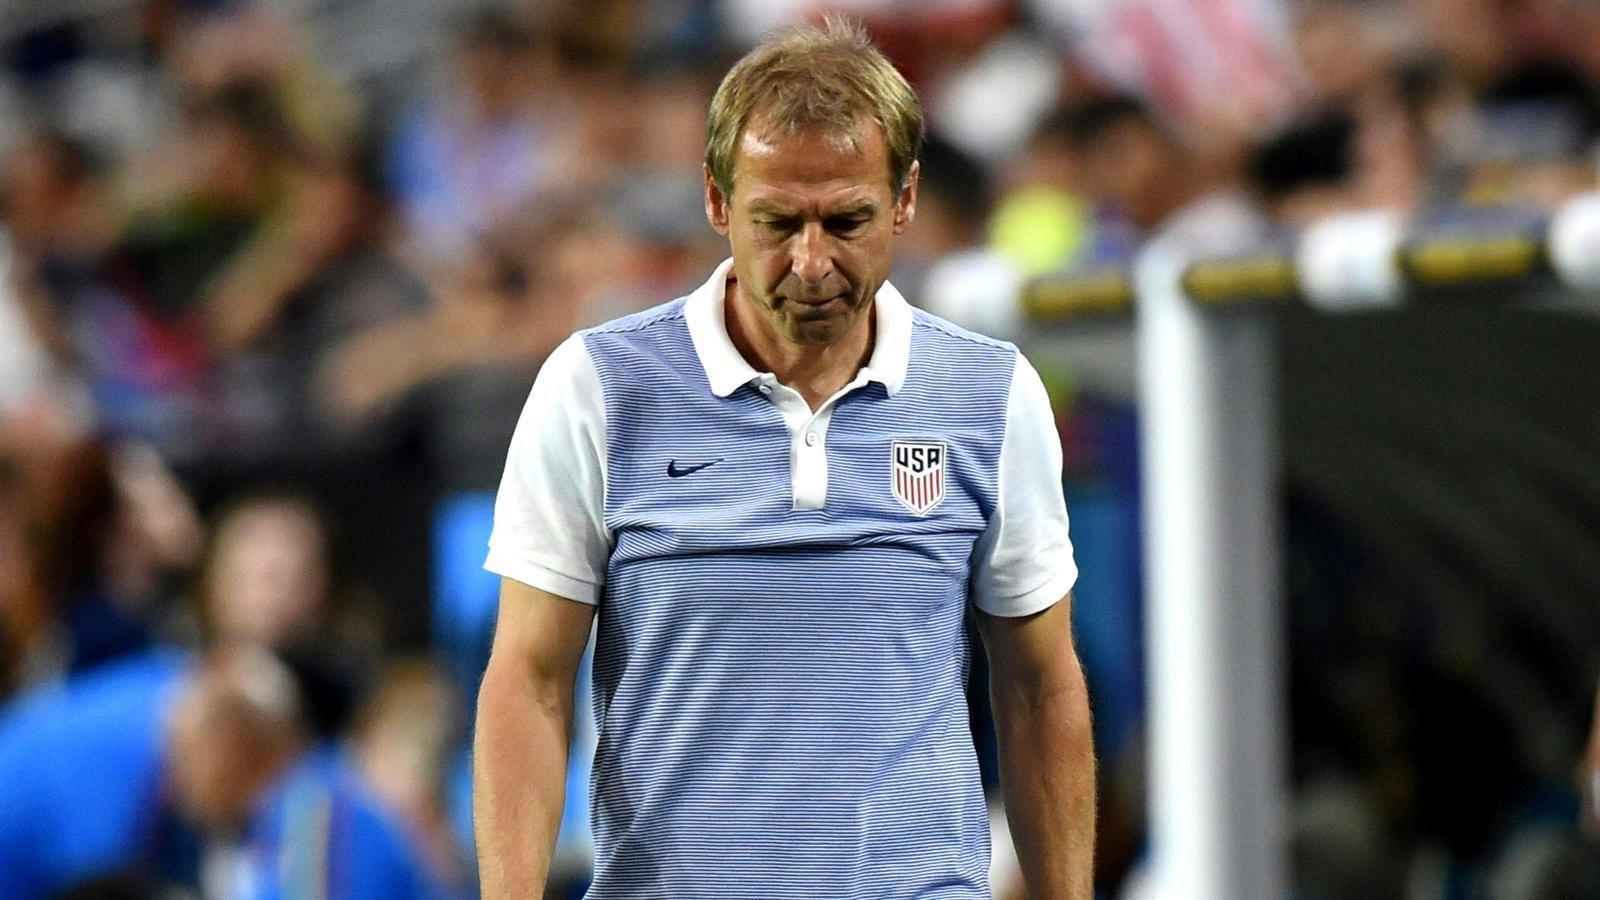 Photo of US Soccer Fires Head Coach Jurgen Klinsmann